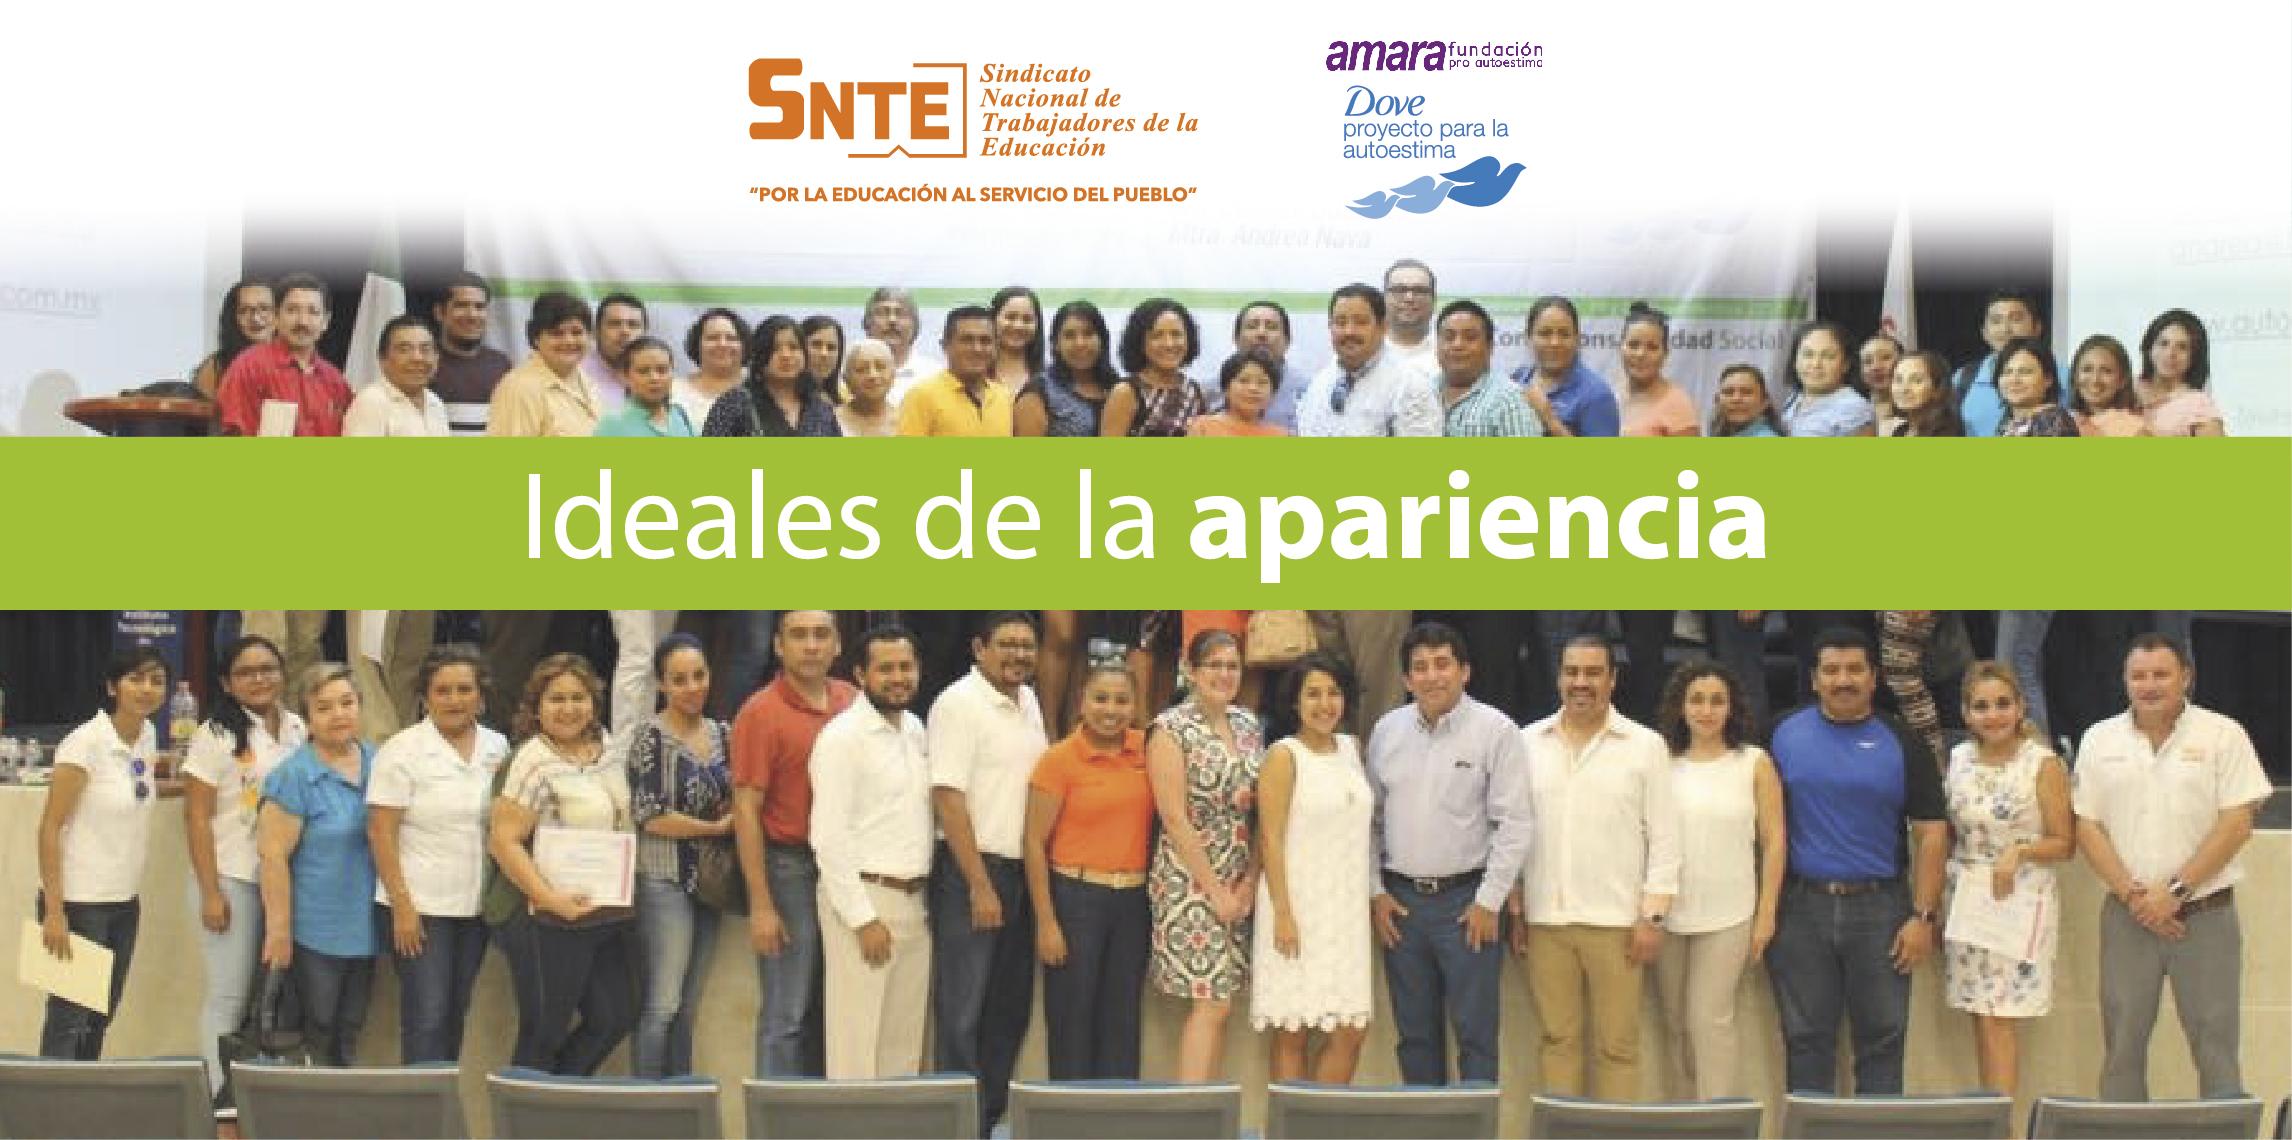 El SNTE colabora en el fortalecimiento de la autoestima de niños y adolescentes